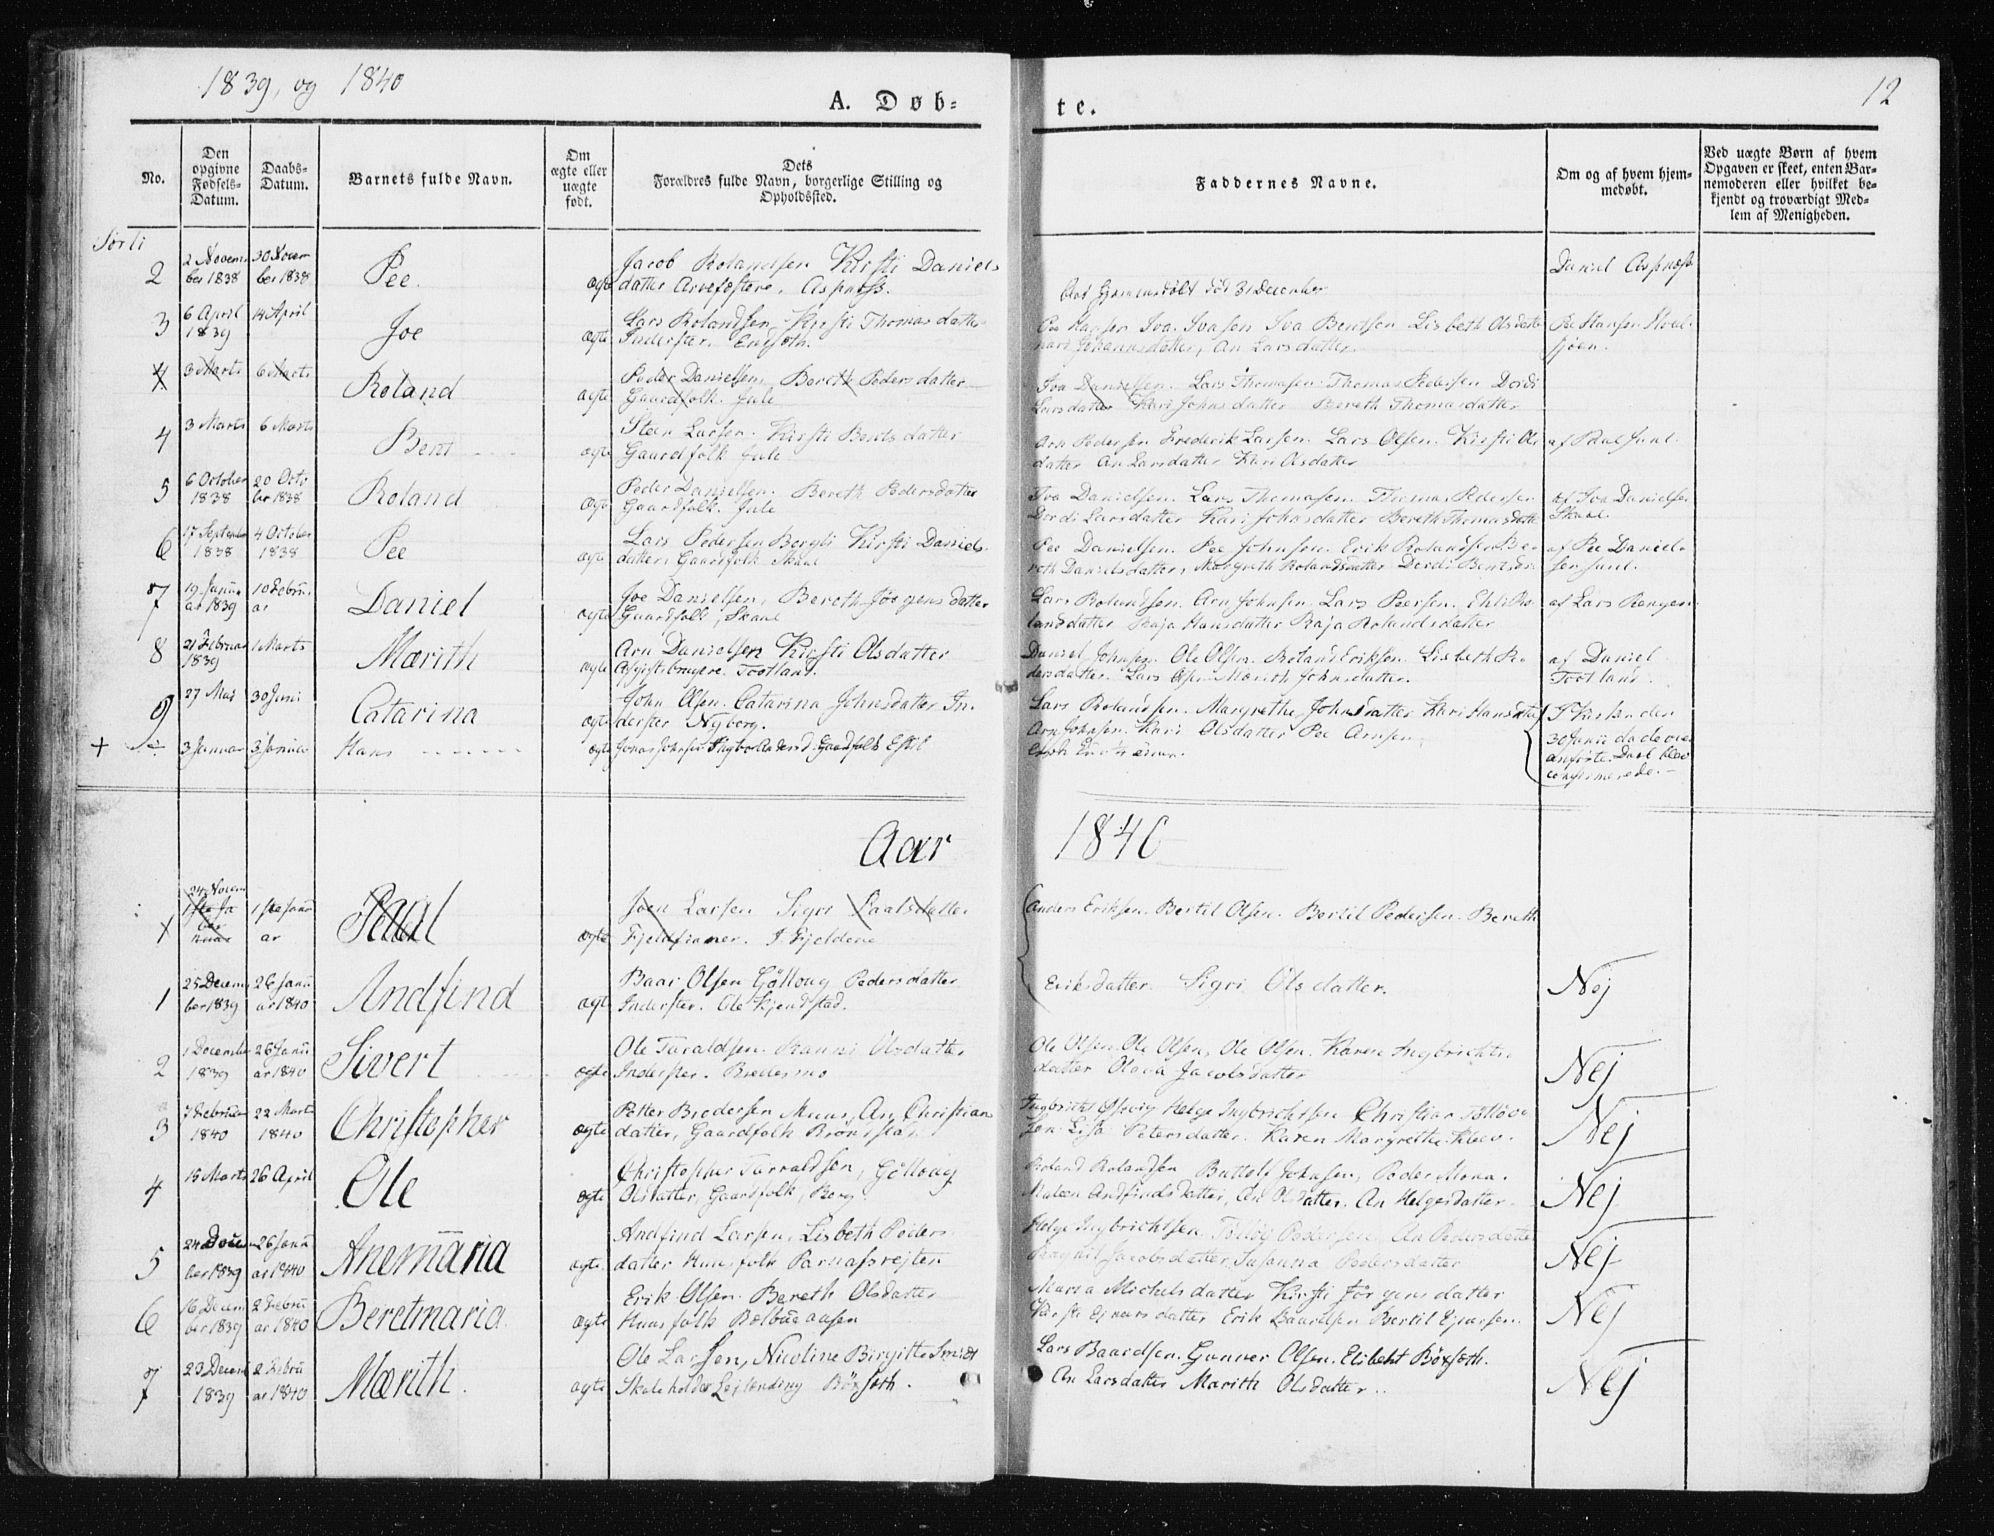 SAT, Ministerialprotokoller, klokkerbøker og fødselsregistre - Nord-Trøndelag, 749/L0470: Ministerialbok nr. 749A04, 1834-1853, s. 12